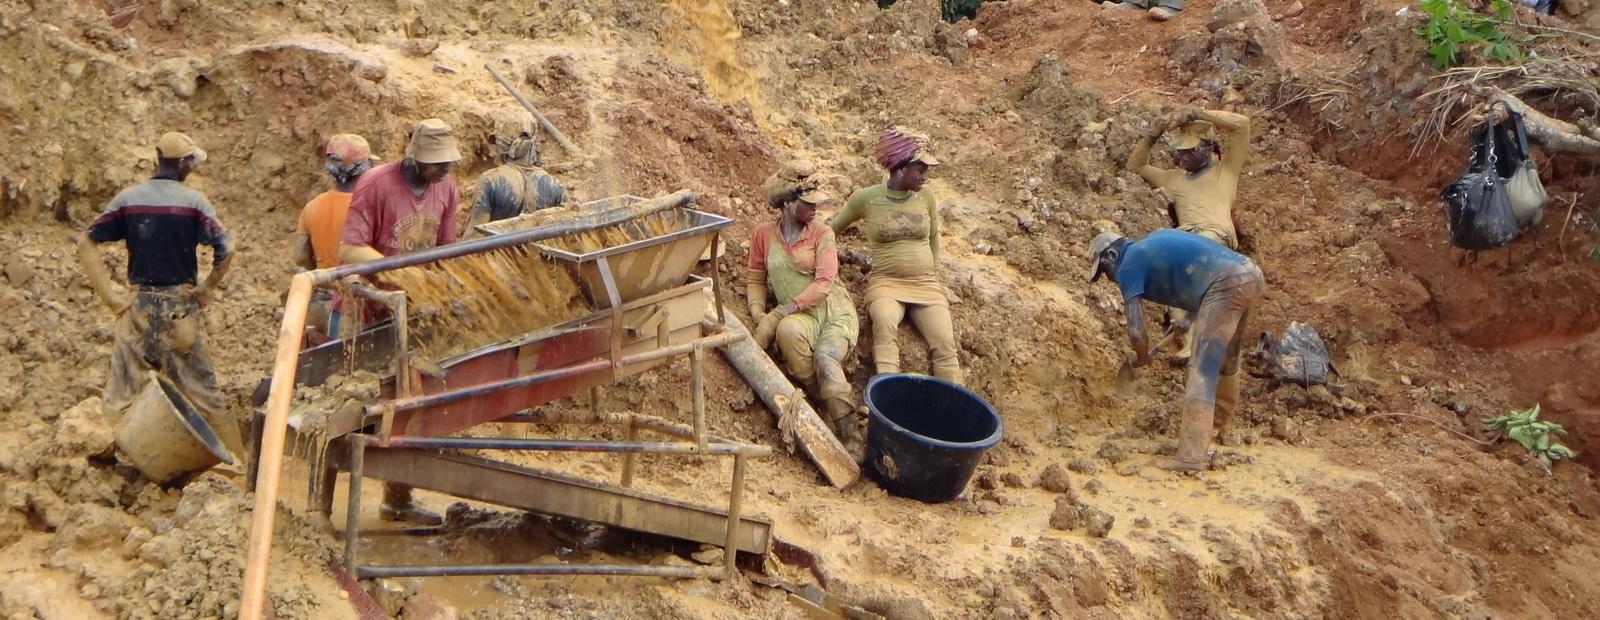 Как добывают золото в Африке золото, золота, карьере, часть, людей, затем, будет, женщин, который, сделано, крови, малярии, предполагаю, оттуда, выглядит, карьера, африканец, левом, немало, всего